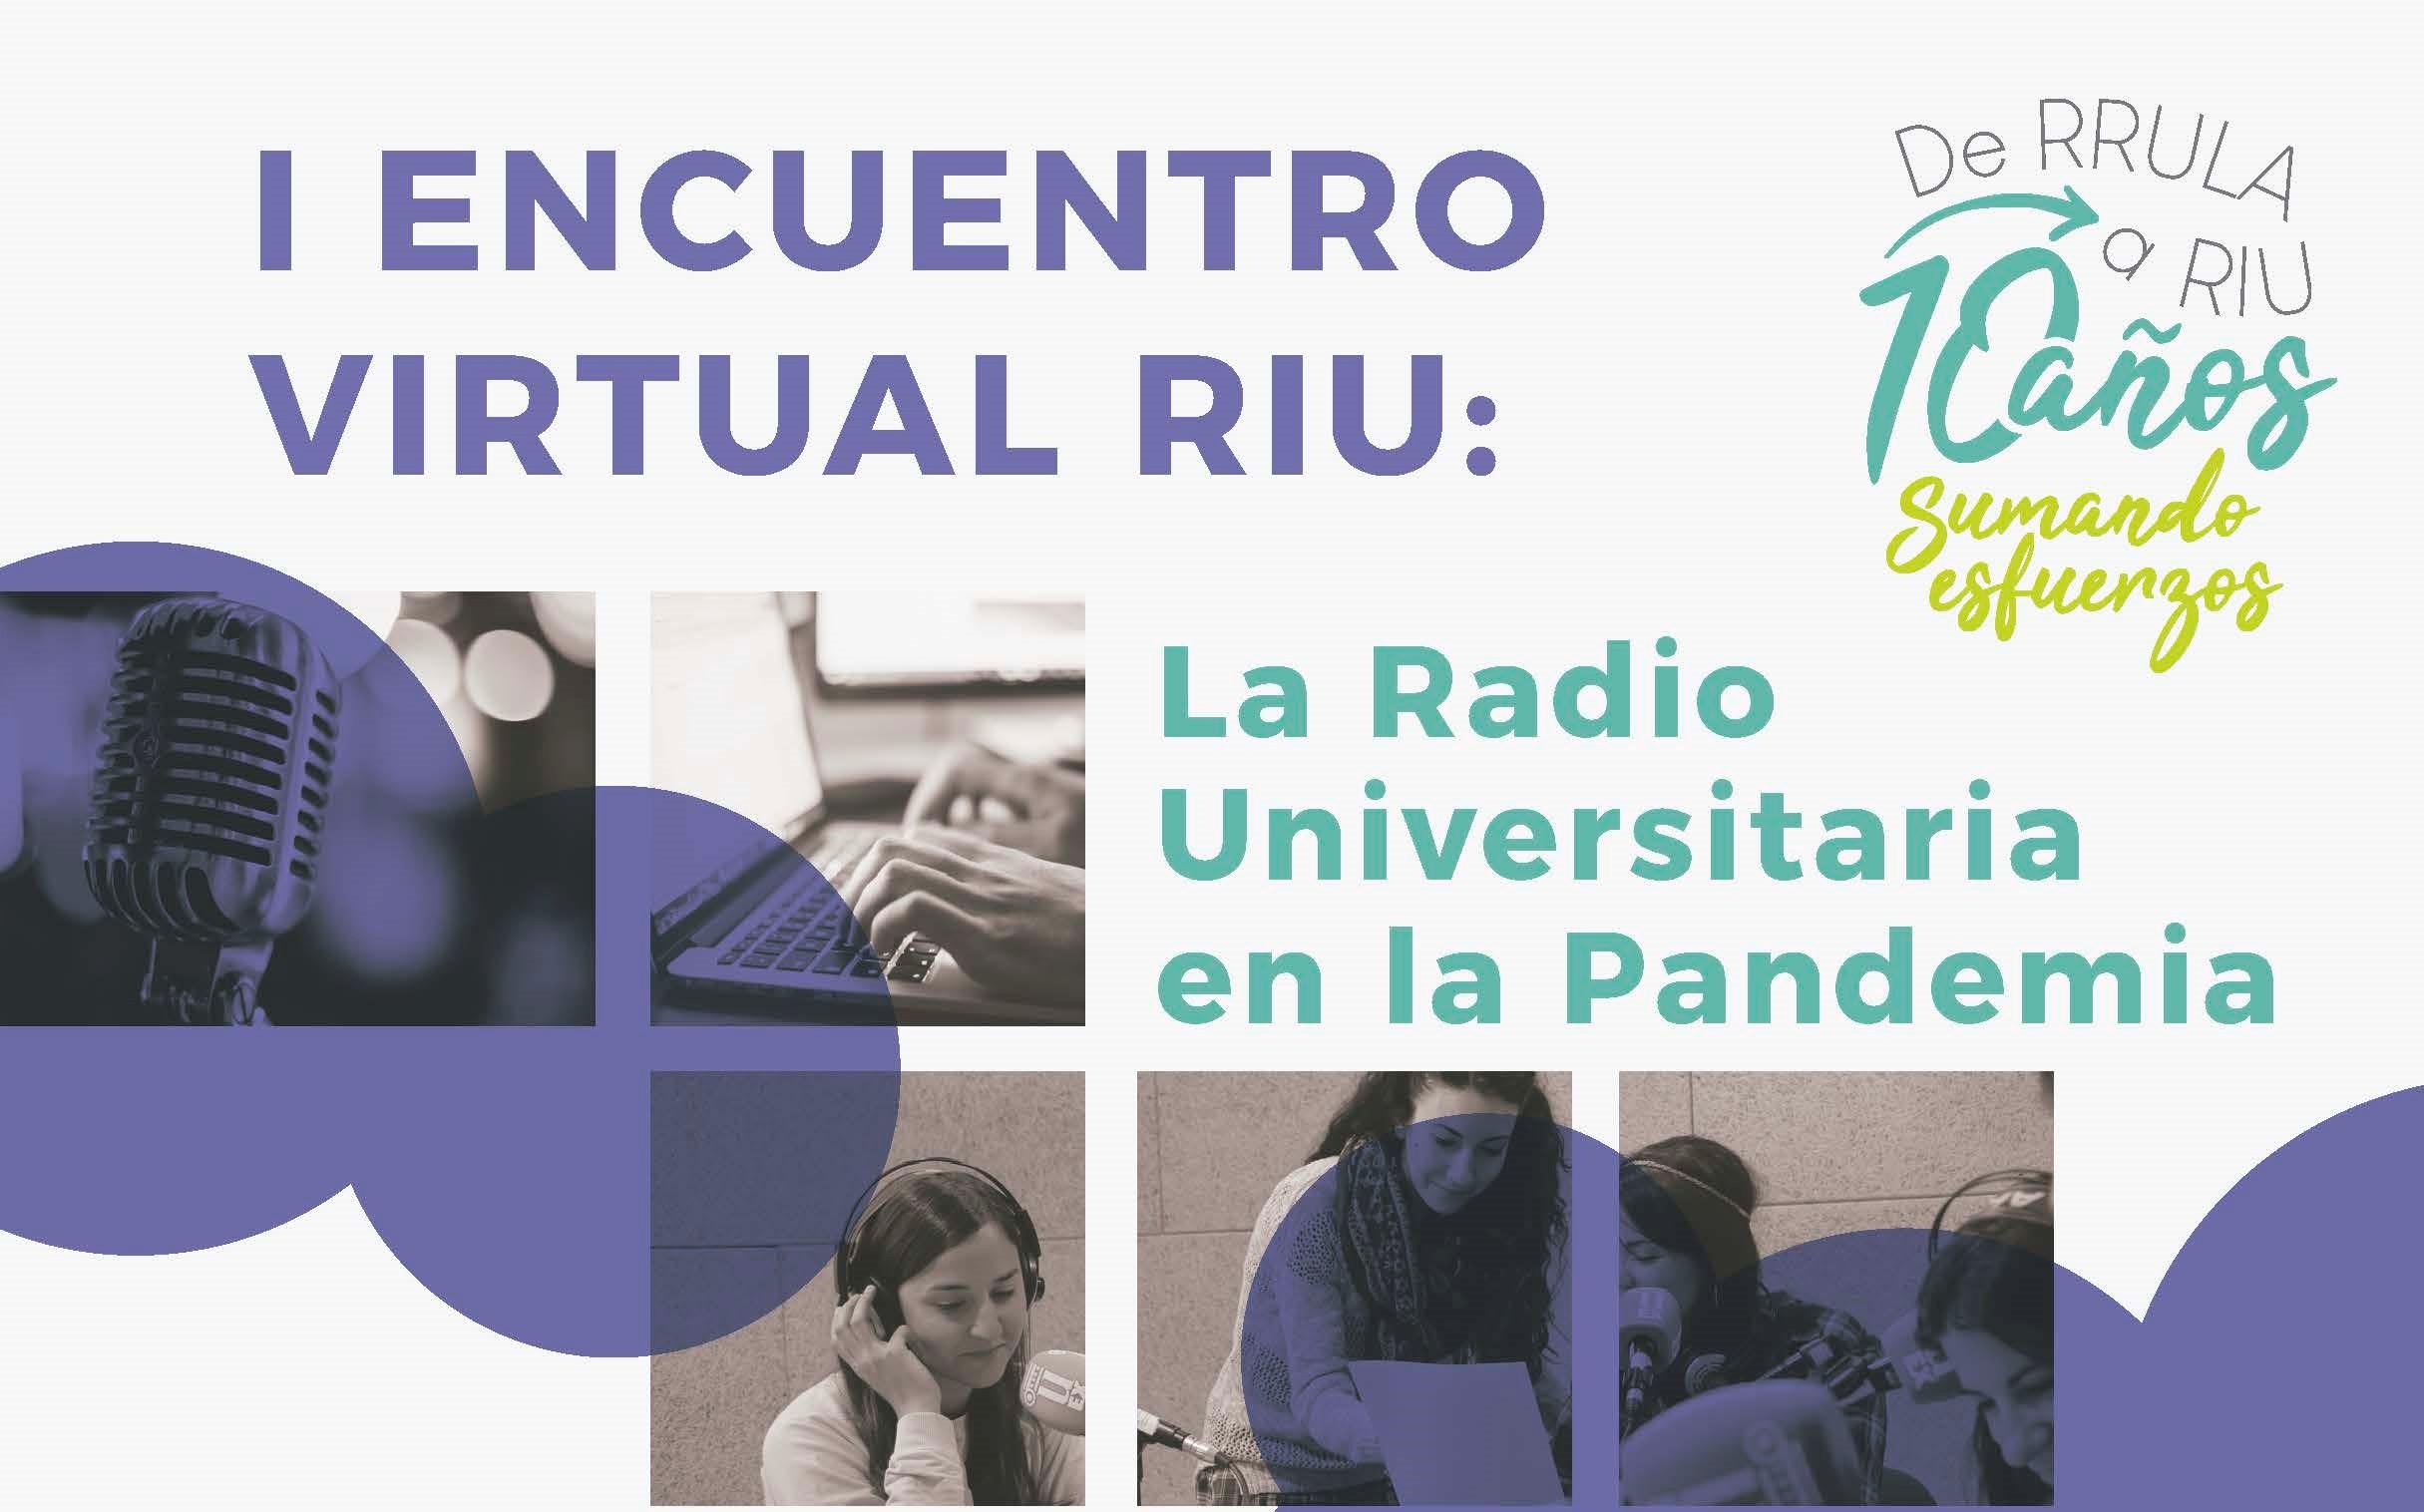 LA RIU CELEBRA SUS PRIMERAS JORNADAS VIRTUALES: LAS RADIOS UNIVERSITARIAS EN LA PANDEMIA